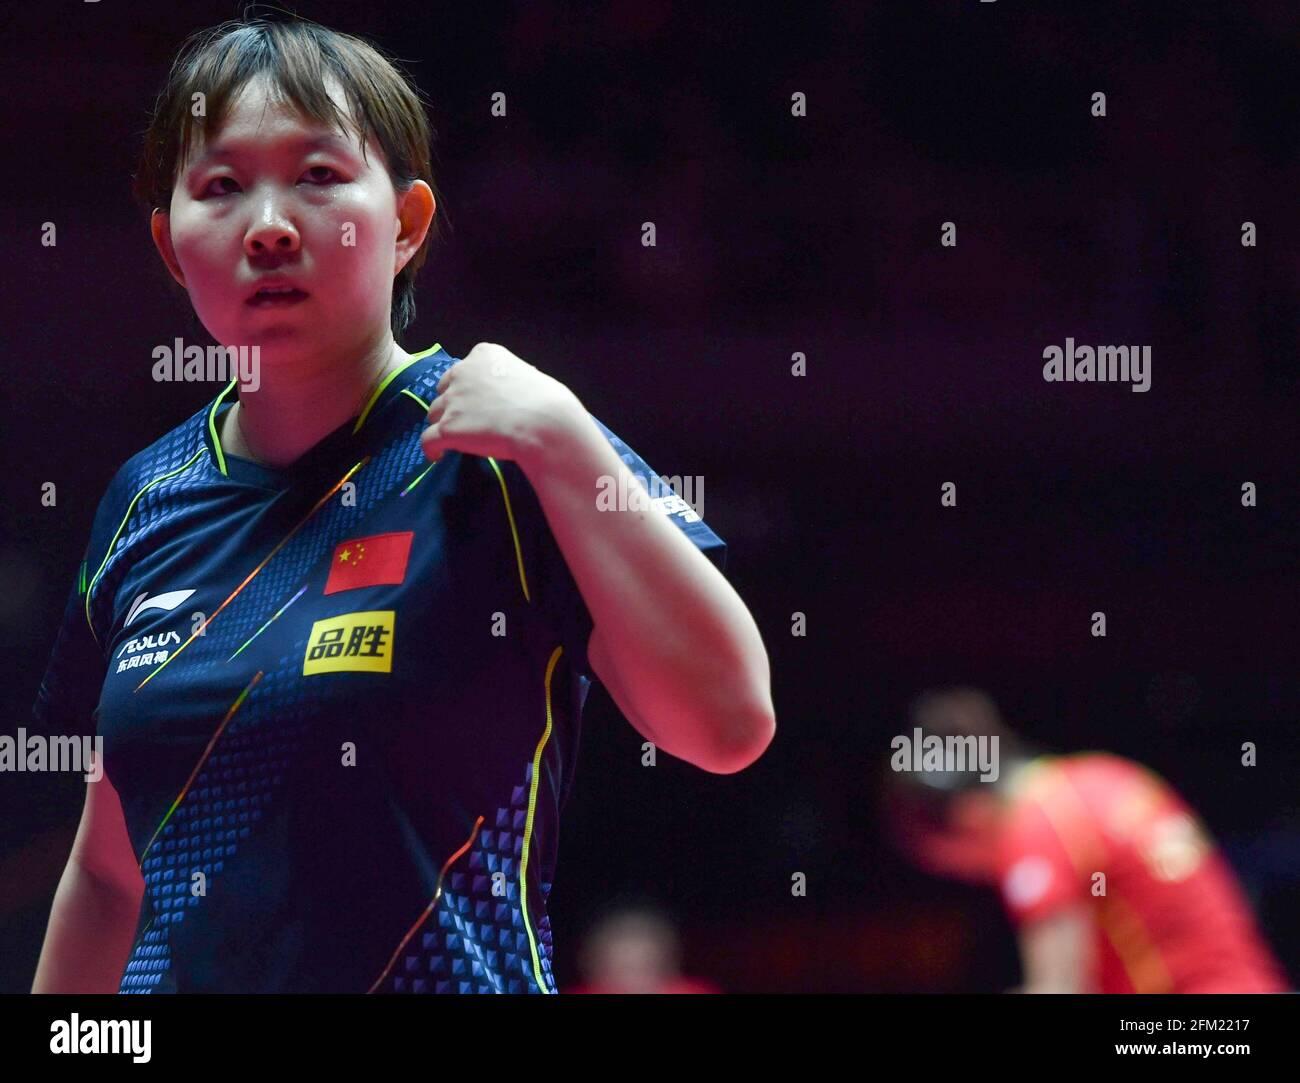 Xinxiang, province chinoise du Henan. 5 mai 2021. Zhu Yuling réagit lors de la quart de finale des femmes contre Liu Shiwen lors des essais de Grand smashes et de la simulation olympique de WTT (World Table tennis) 2021 à Xinxiang, dans la province de Henan, dans le centre de la Chine, le 5 mai 2021. Credit: Li Jianan/Xinhua/Alamy Live News Banque D'Images